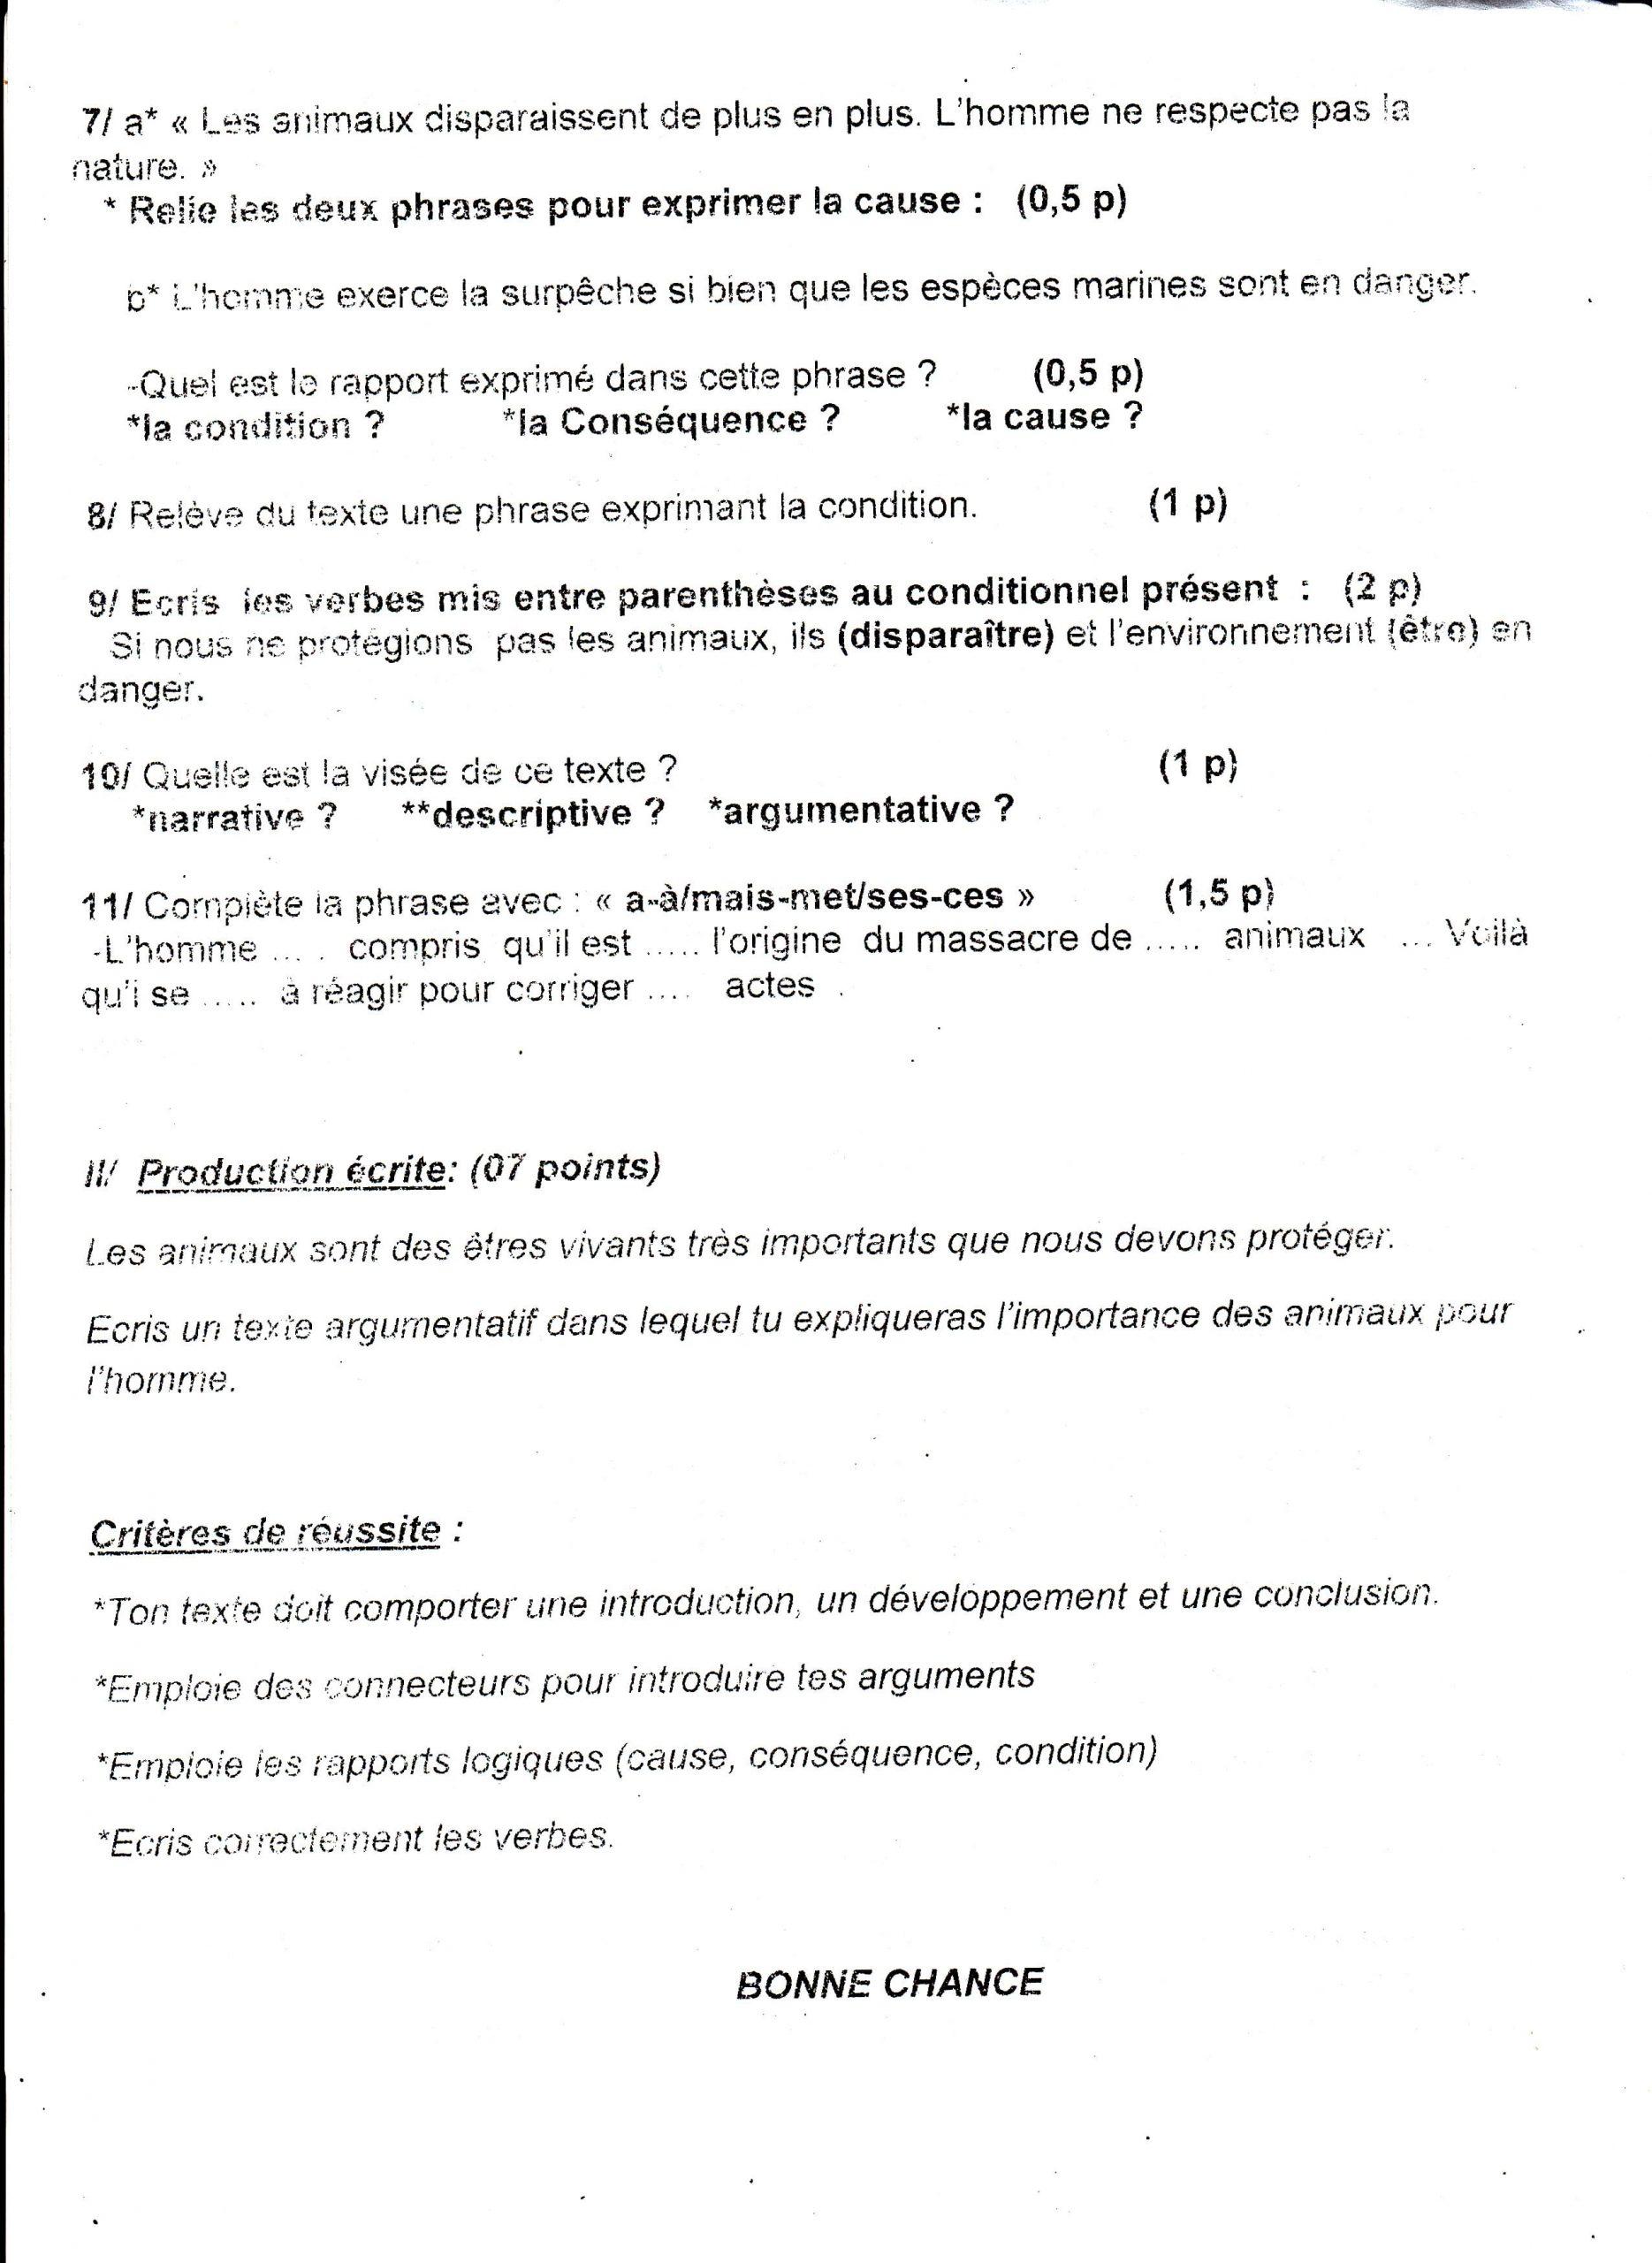 اختبار الفصل الأول في اللغة الفرنسية السنة الرابعة متوسط   الموضوع 03